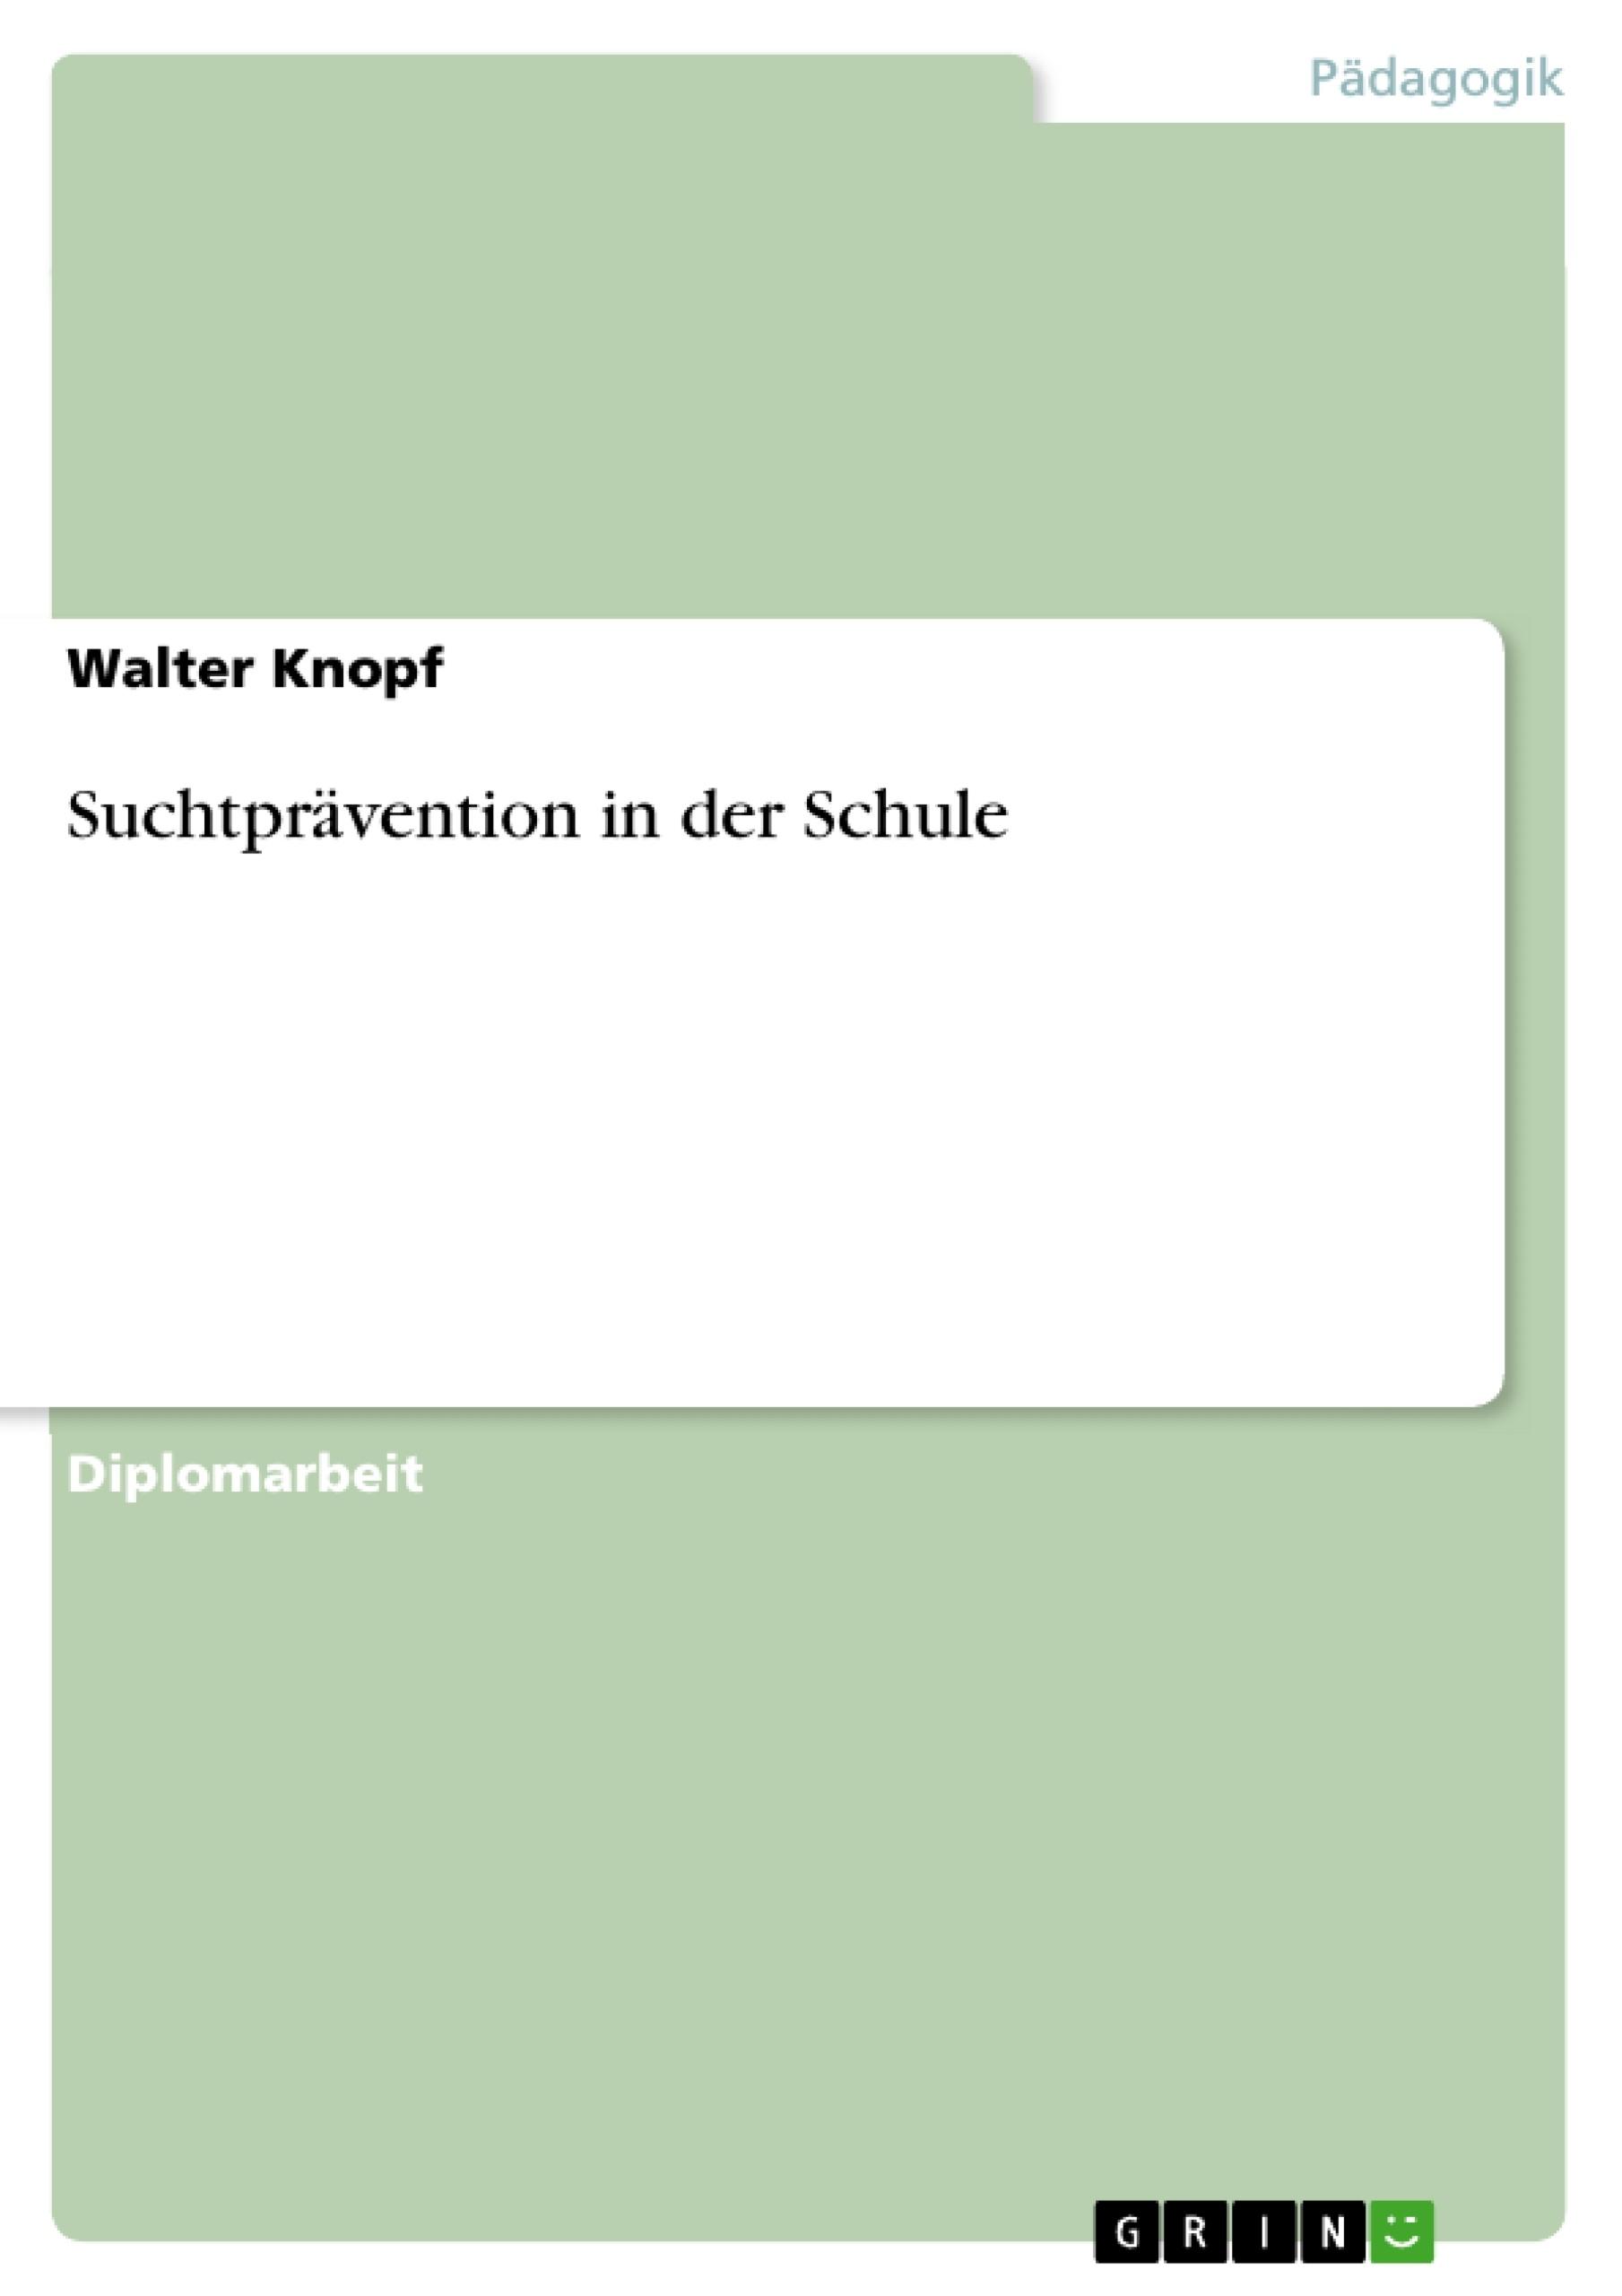 Titel: Suchtprävention in der Schule